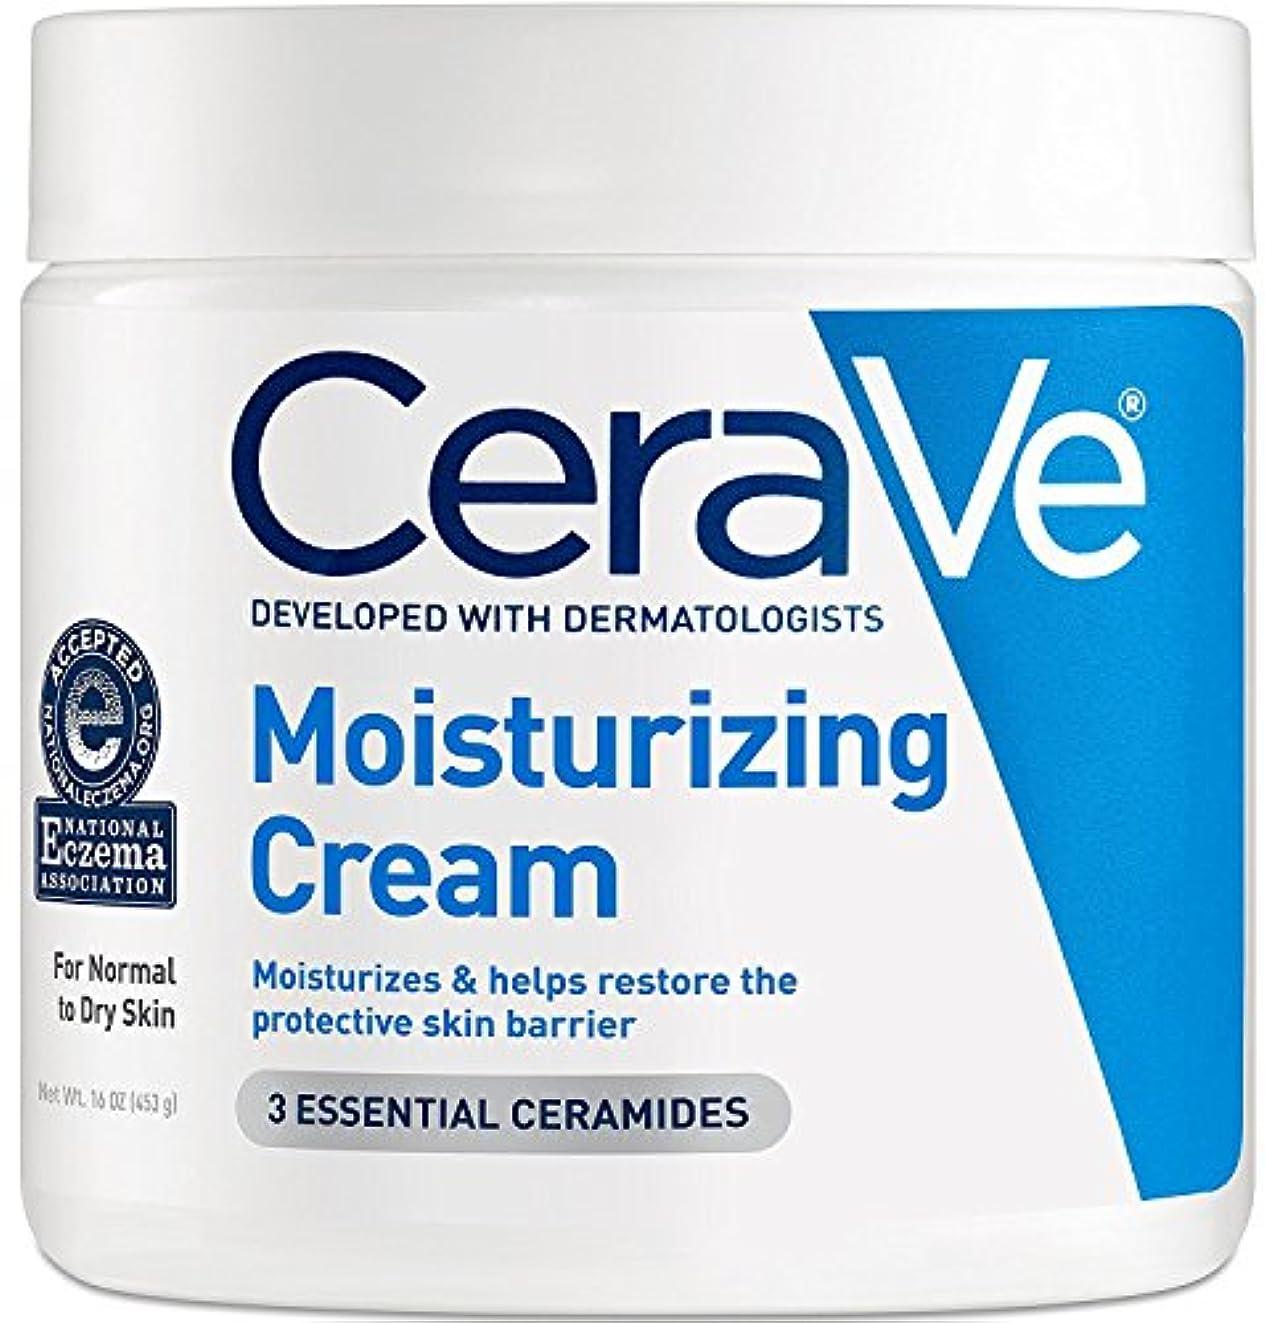 革命ソフトウェア作り上げるCerave Moisturizing Cream, 16 oz [並行輸入品]